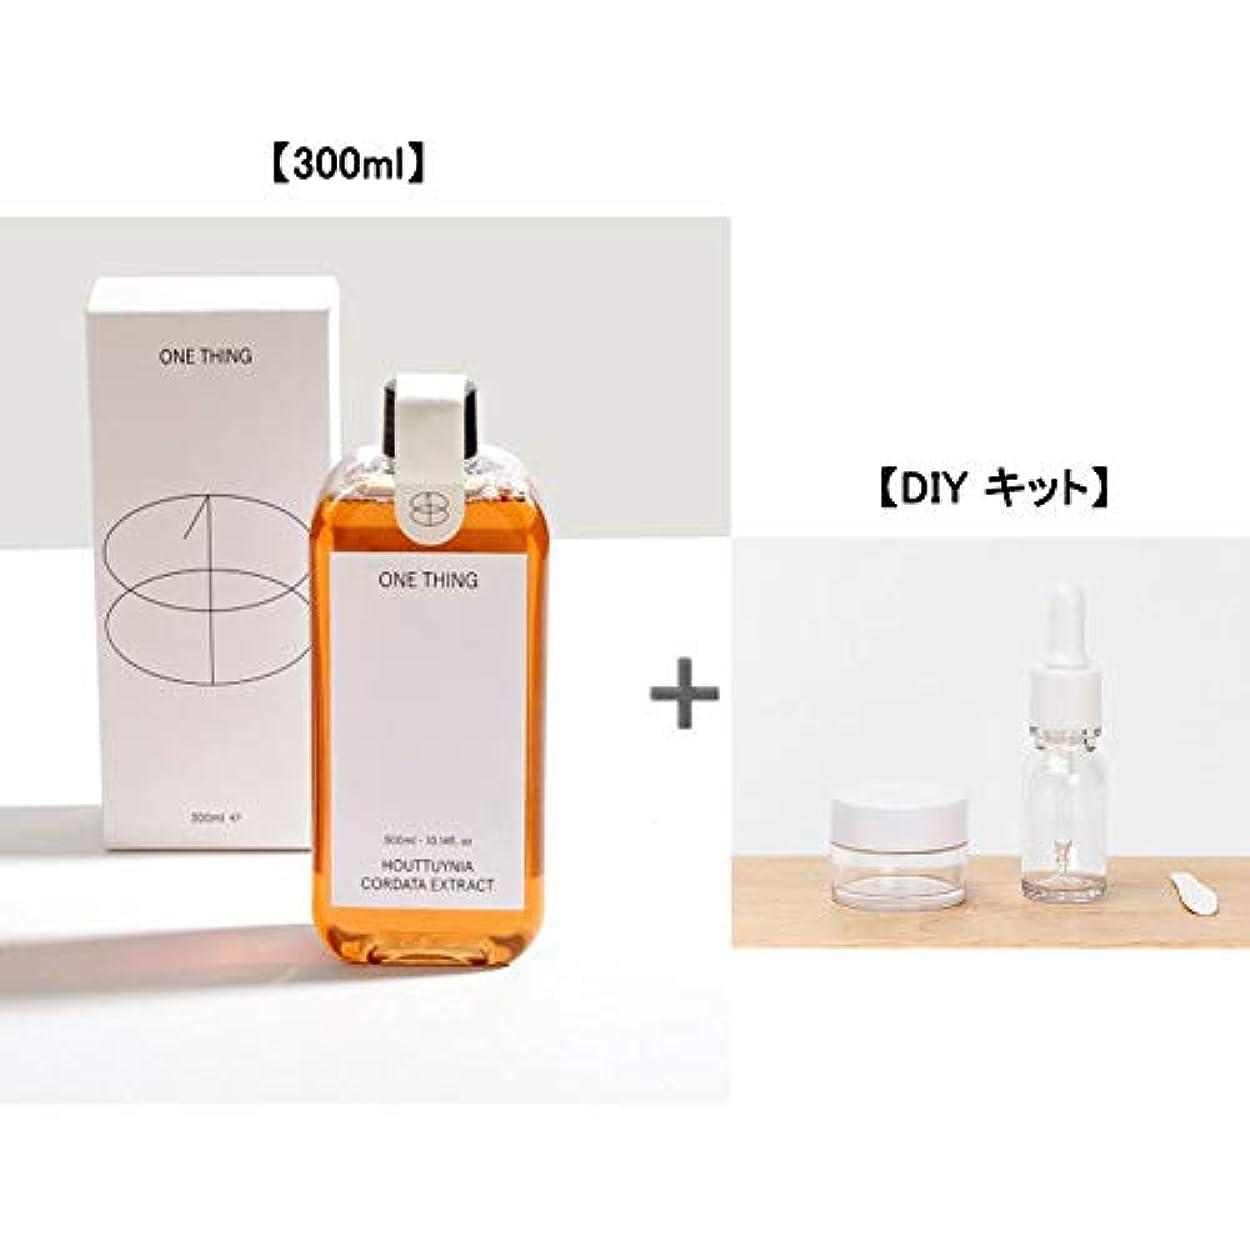 かもめ引き出し動力学[ウォンシン]ドクダミエキス原液 300ml /トラブル性肌、頭皮ケアに効果的/化粧品に混ぜて使用可能[並行輸入品] (ドクダミ 原液 300ml + DIY 3 Kit)